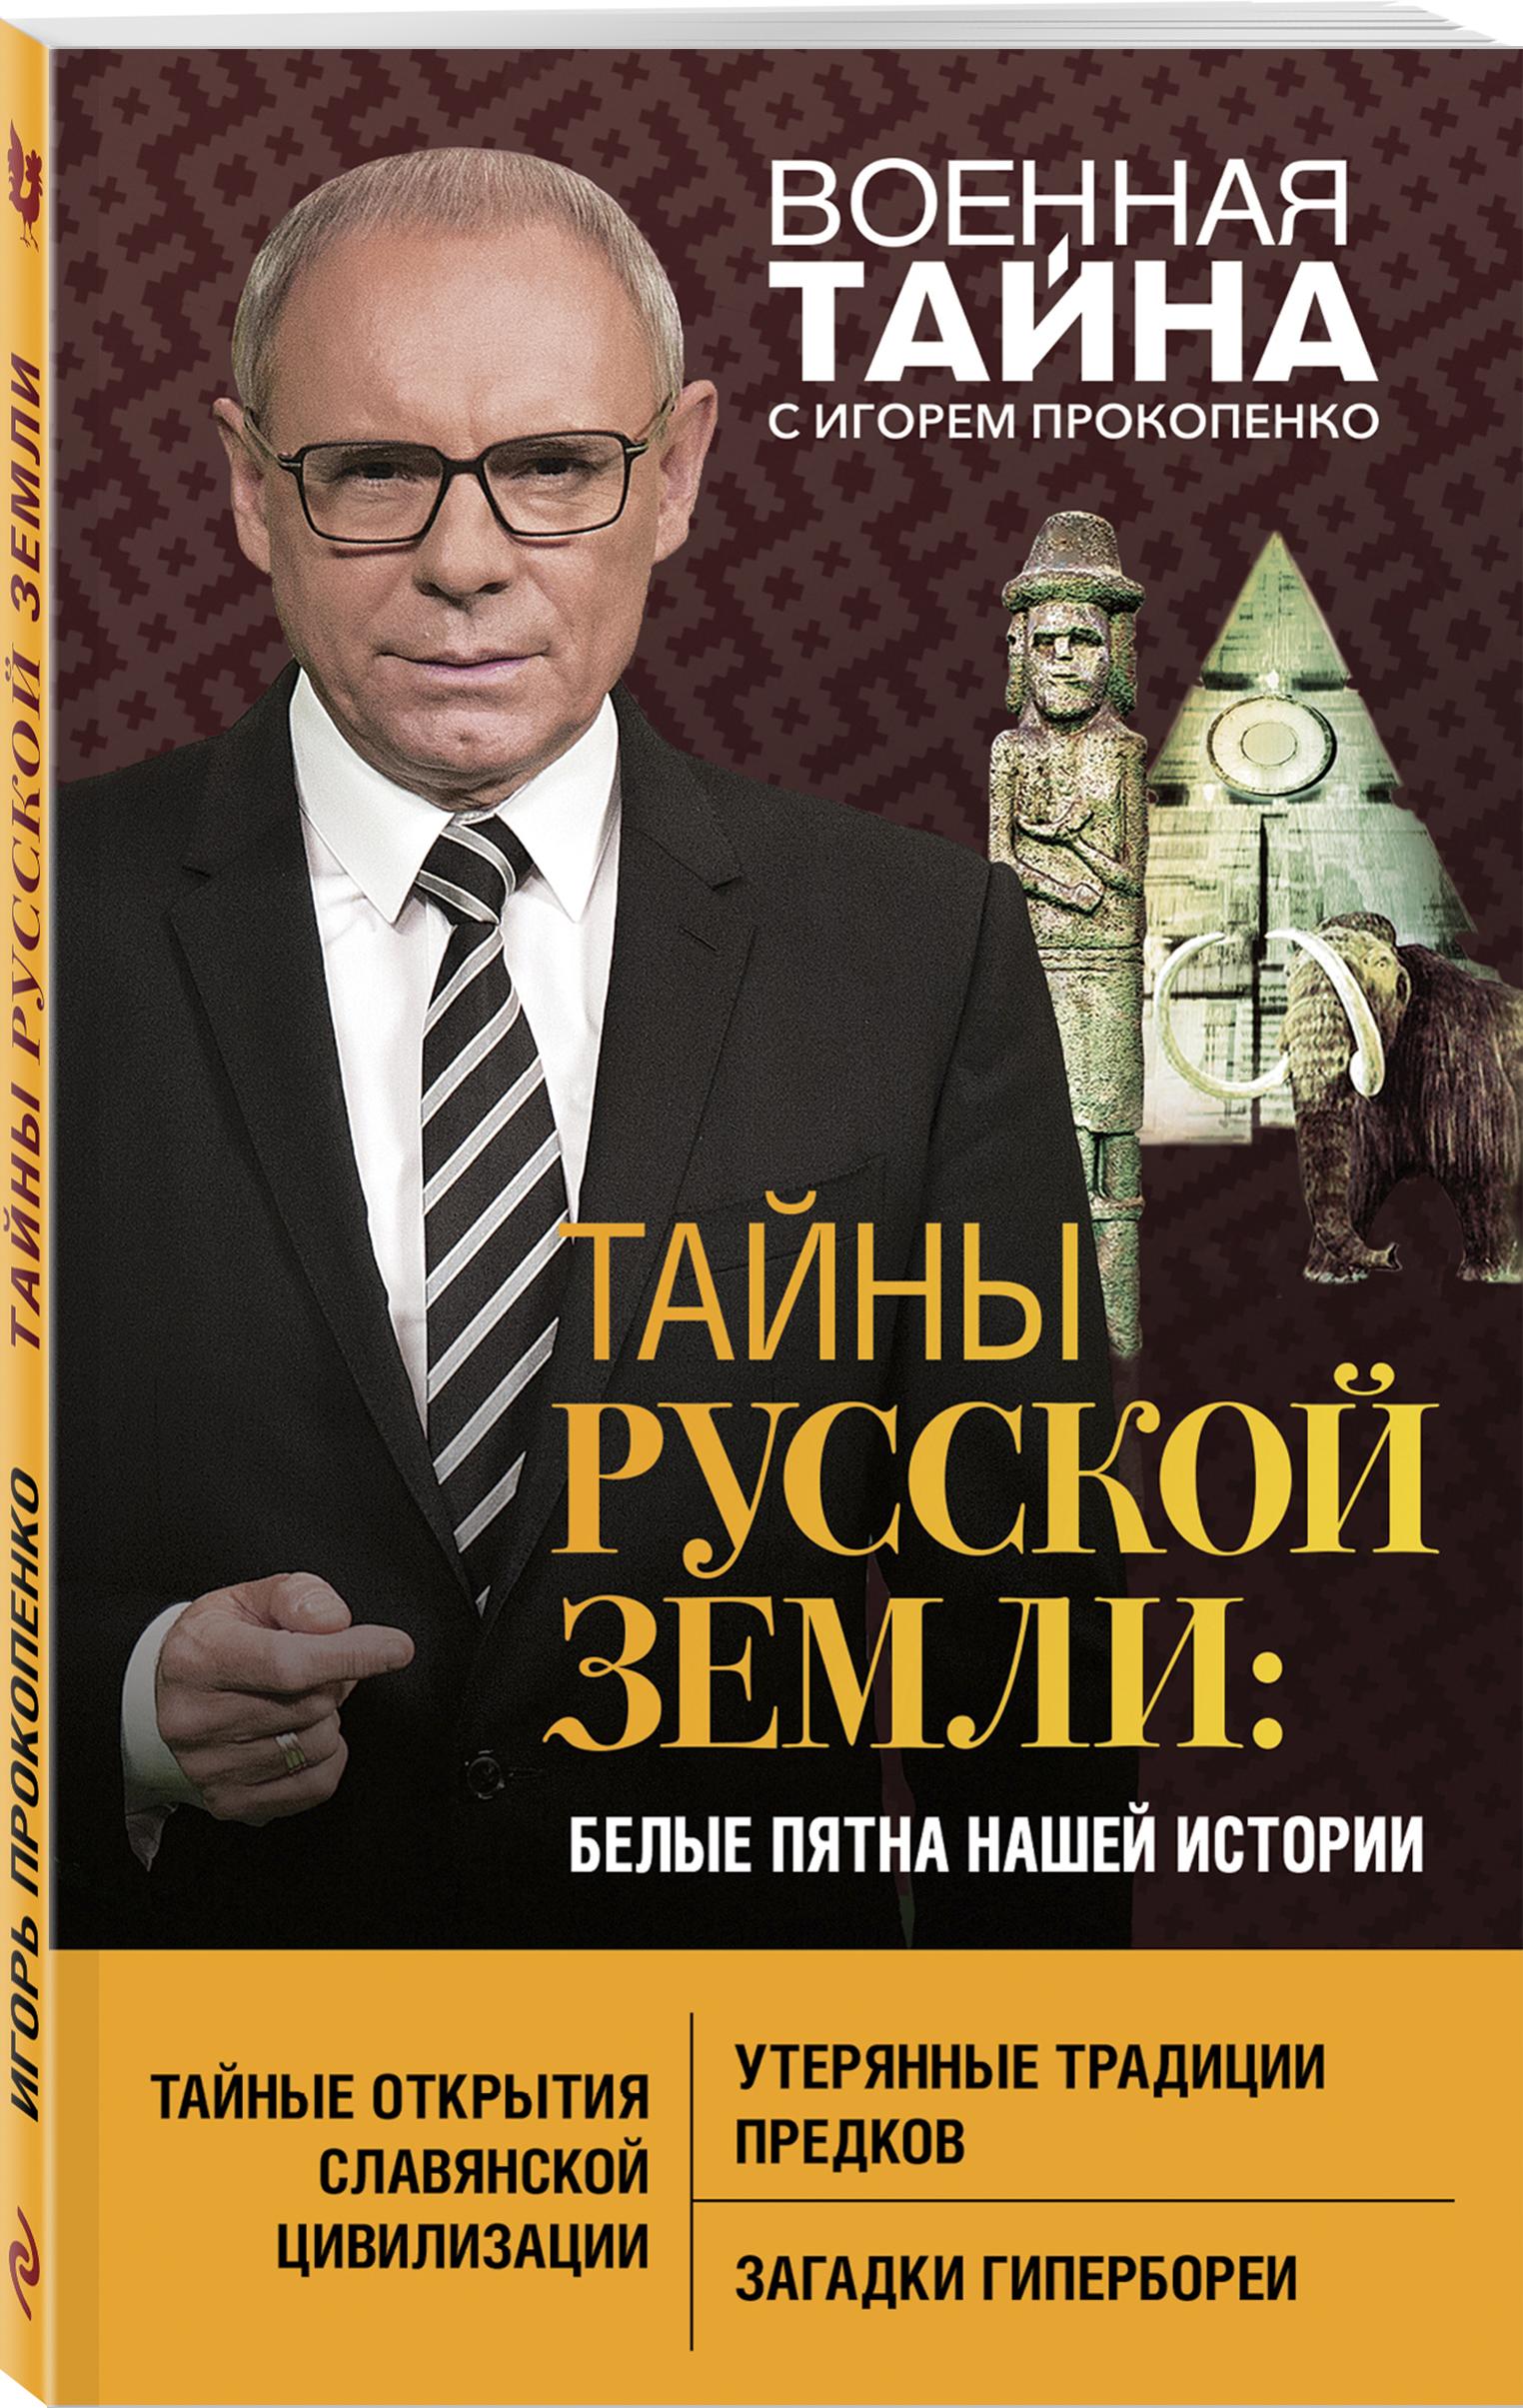 Тайны Русской земли: белые пятна нашей истории ( Игорь Прокопенко  )